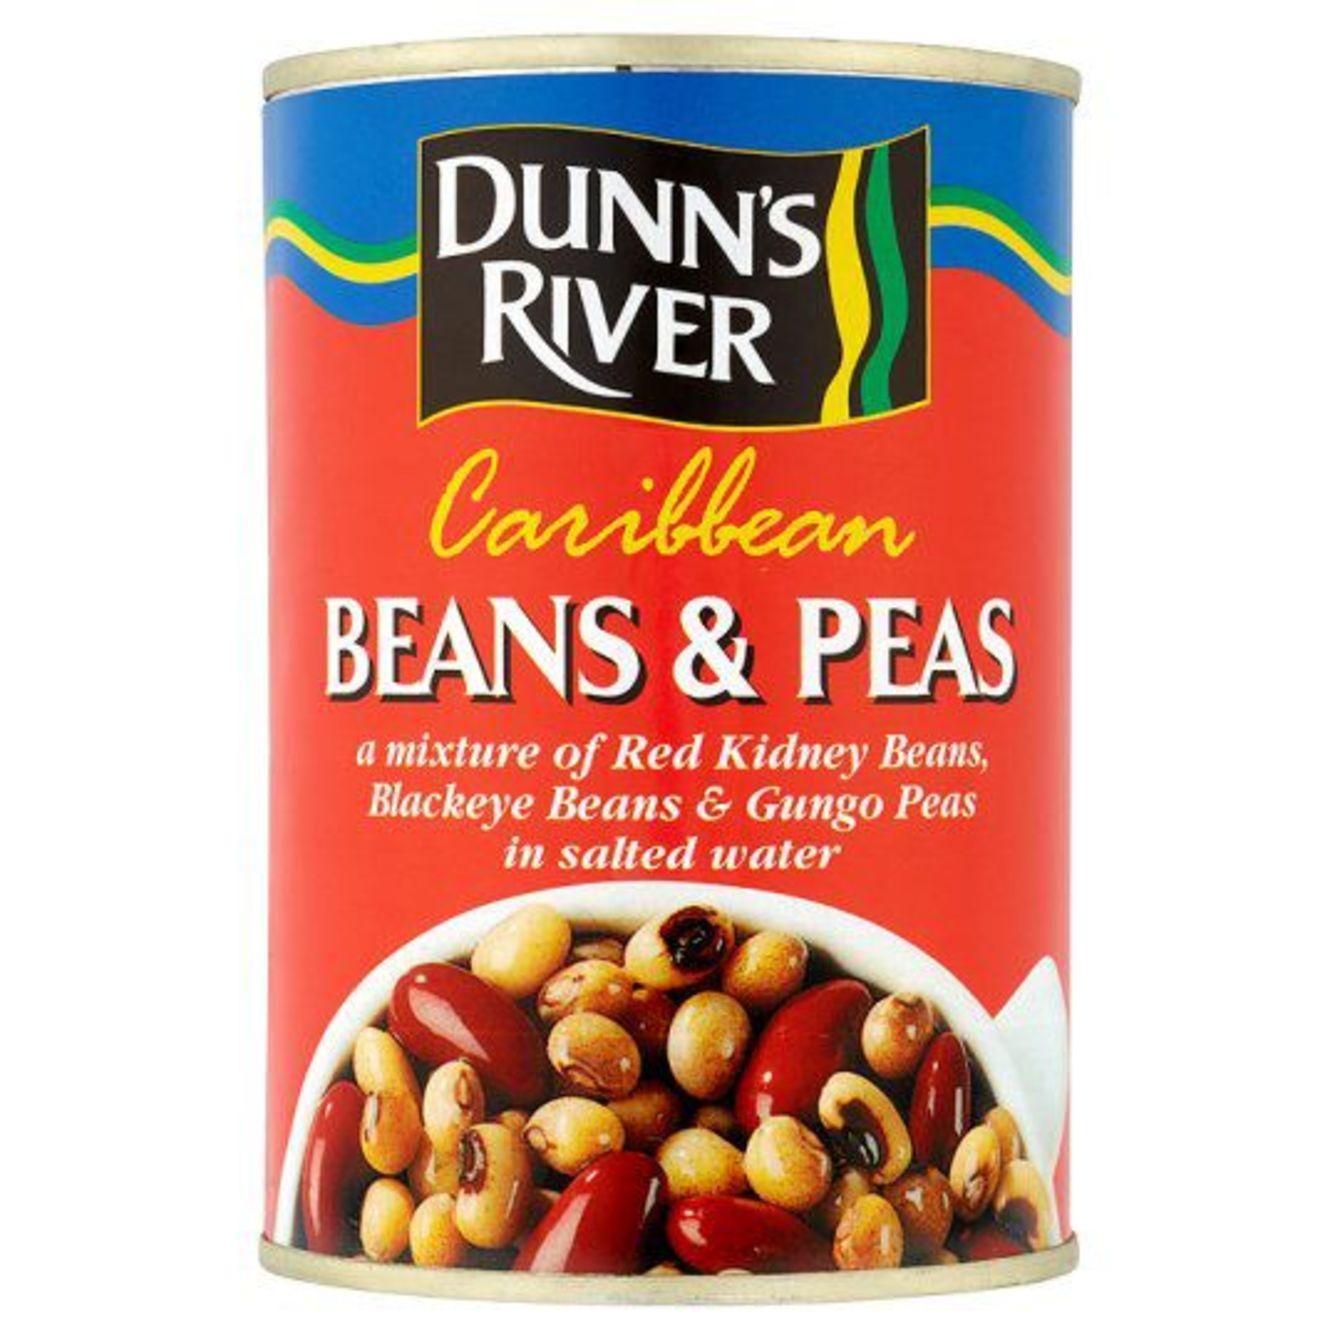 Dunn's River Caribbean Peas & Beans